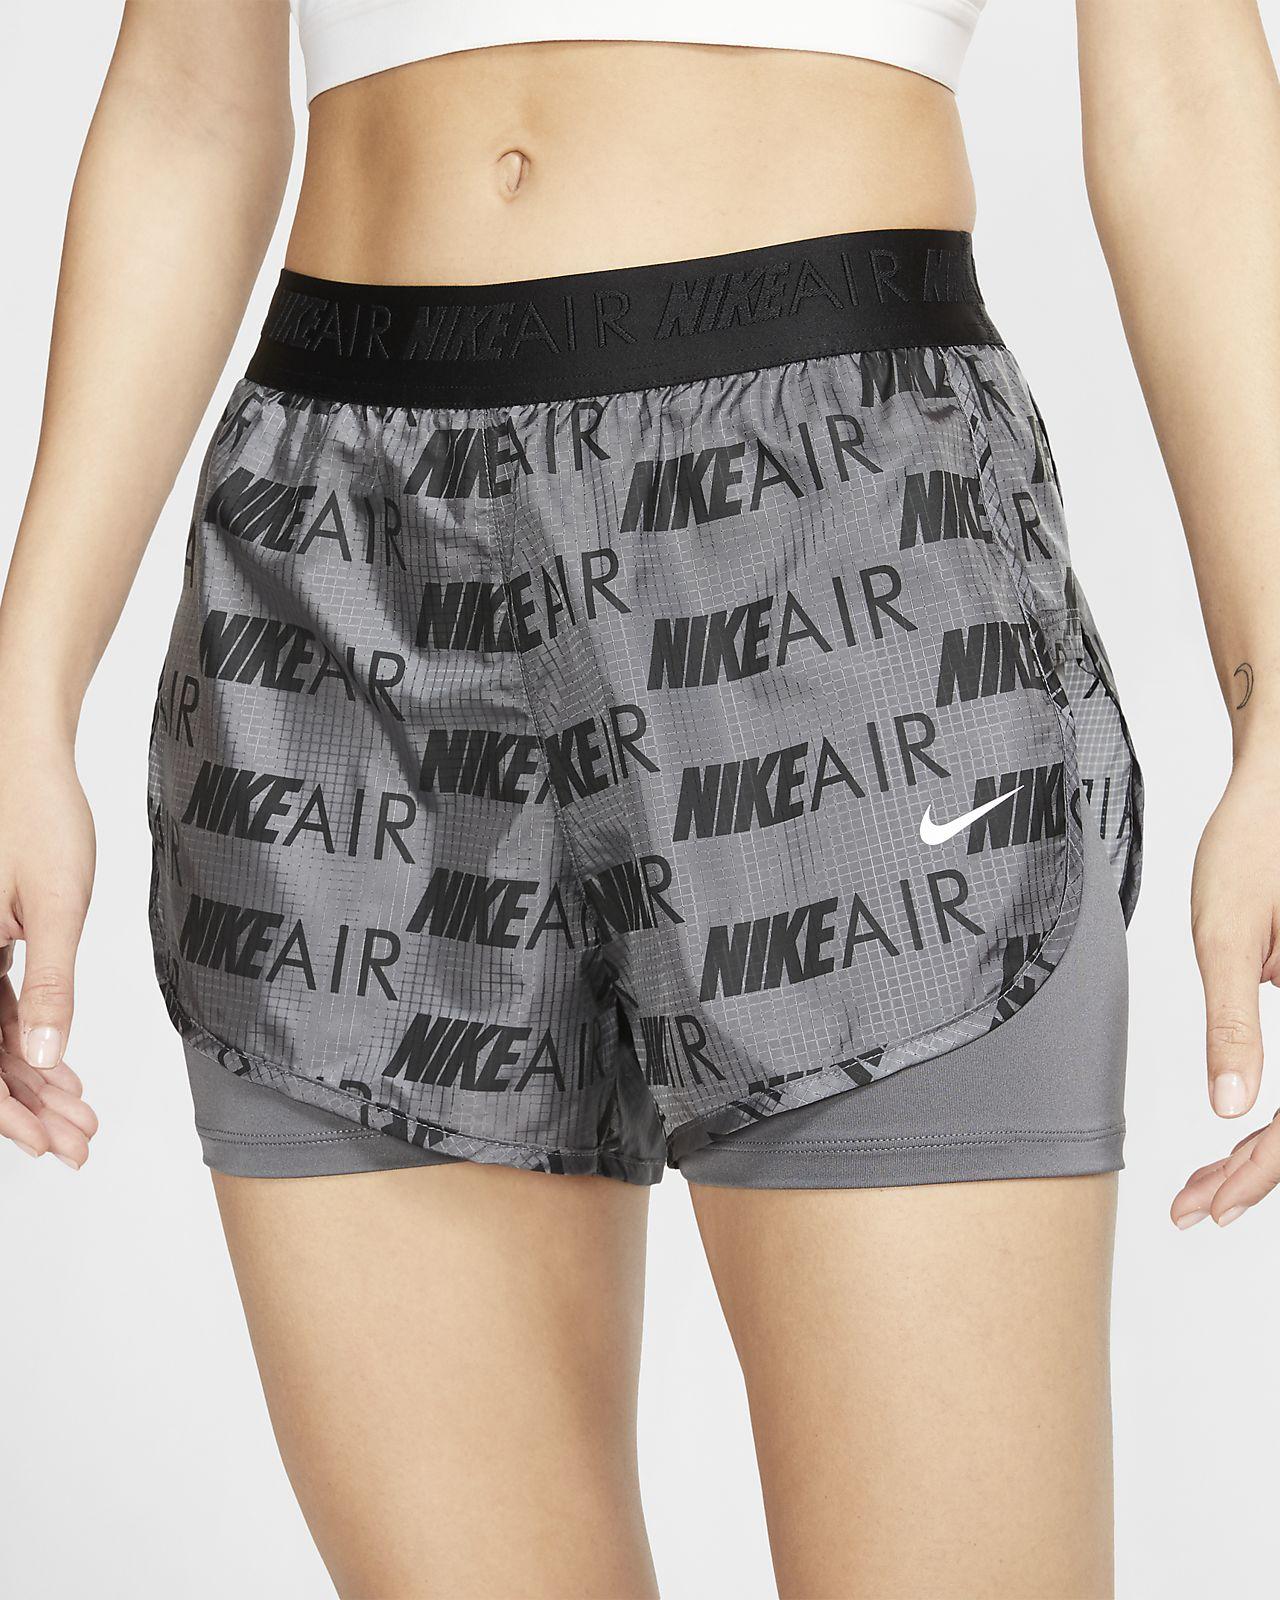 Löparshorts Nike Air för kvinnor